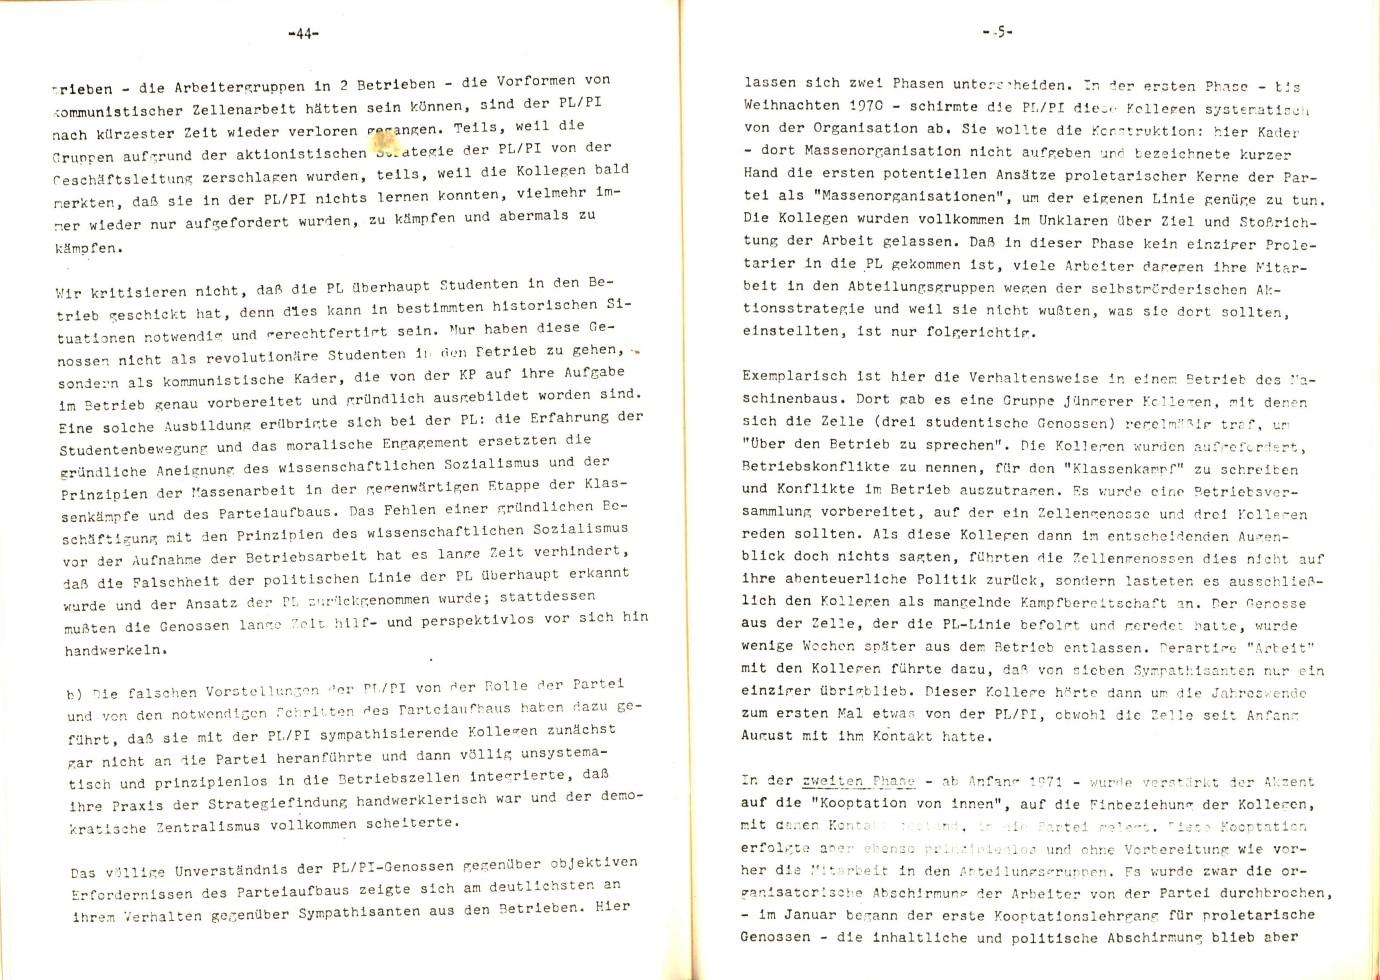 PLPI_1971_Aufloesung_25